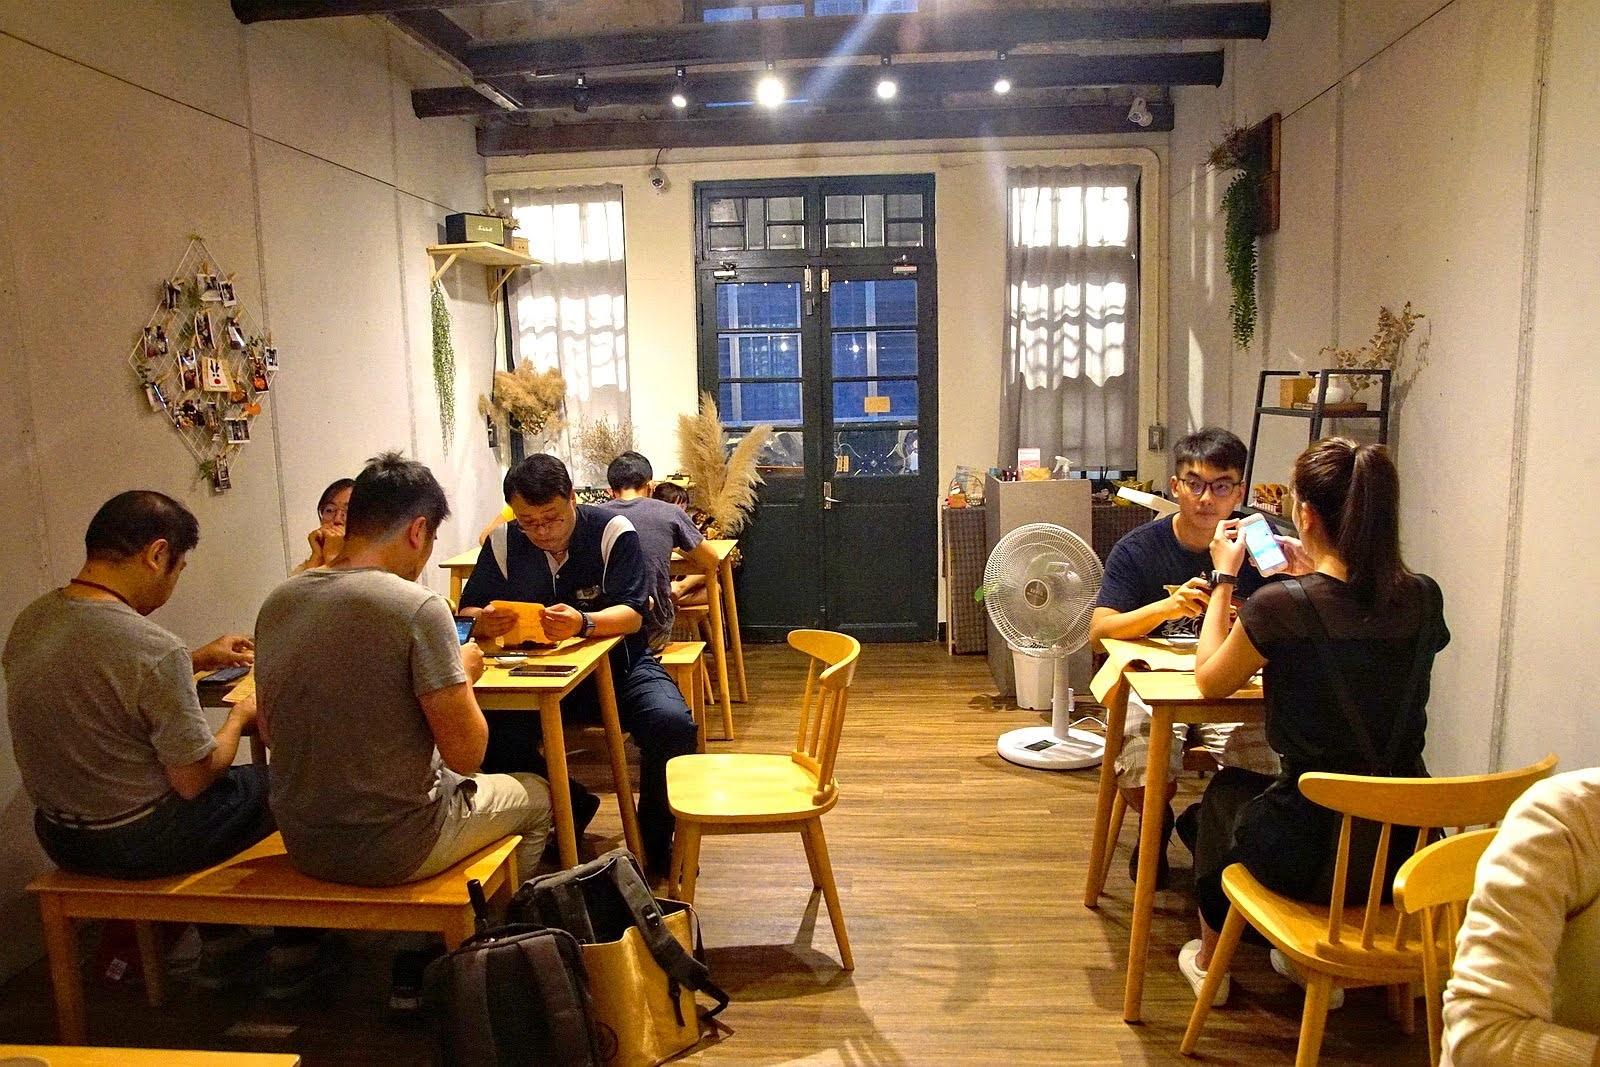 [台南][中西區] 味熟Mijuku|老屋生魚、丼飯、定食|相信老闆!|食記